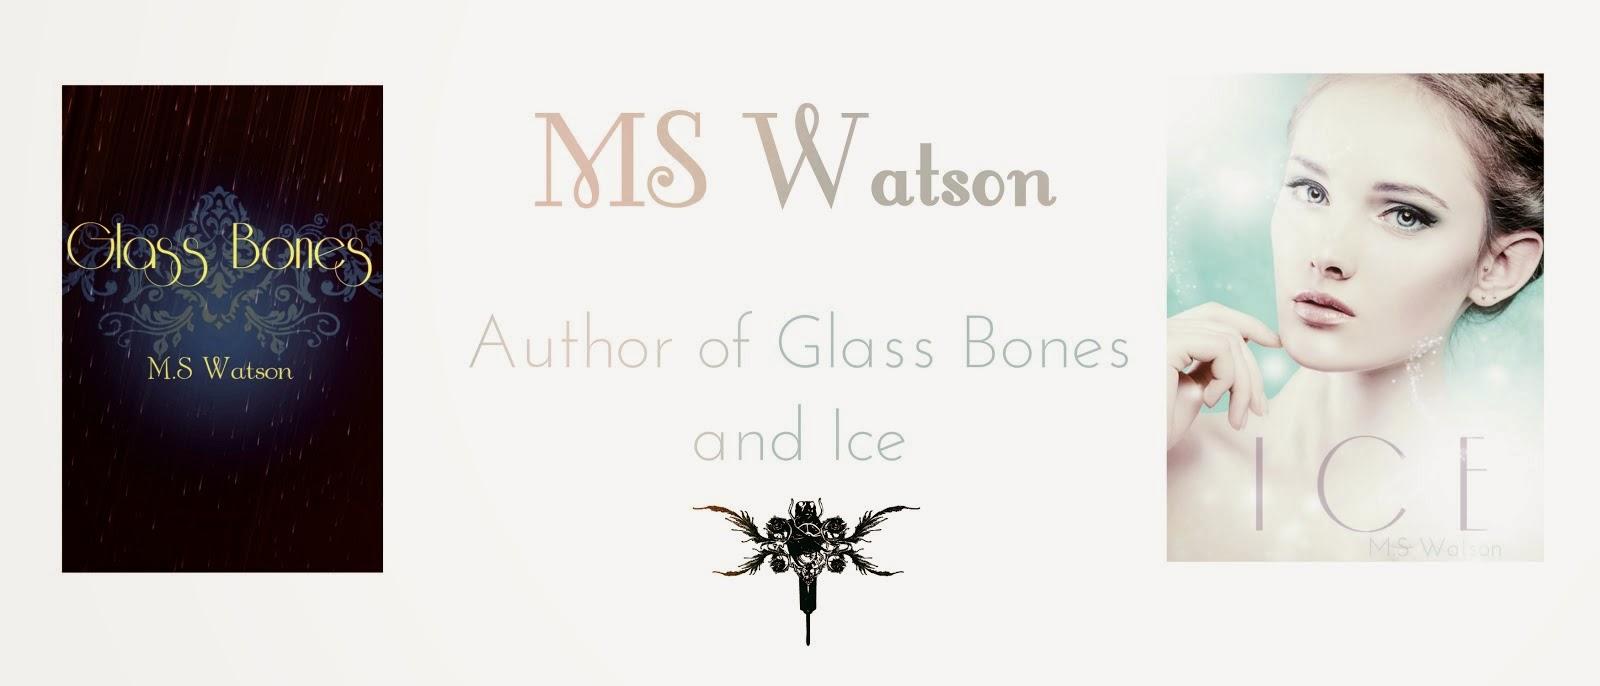 M.S. Watson